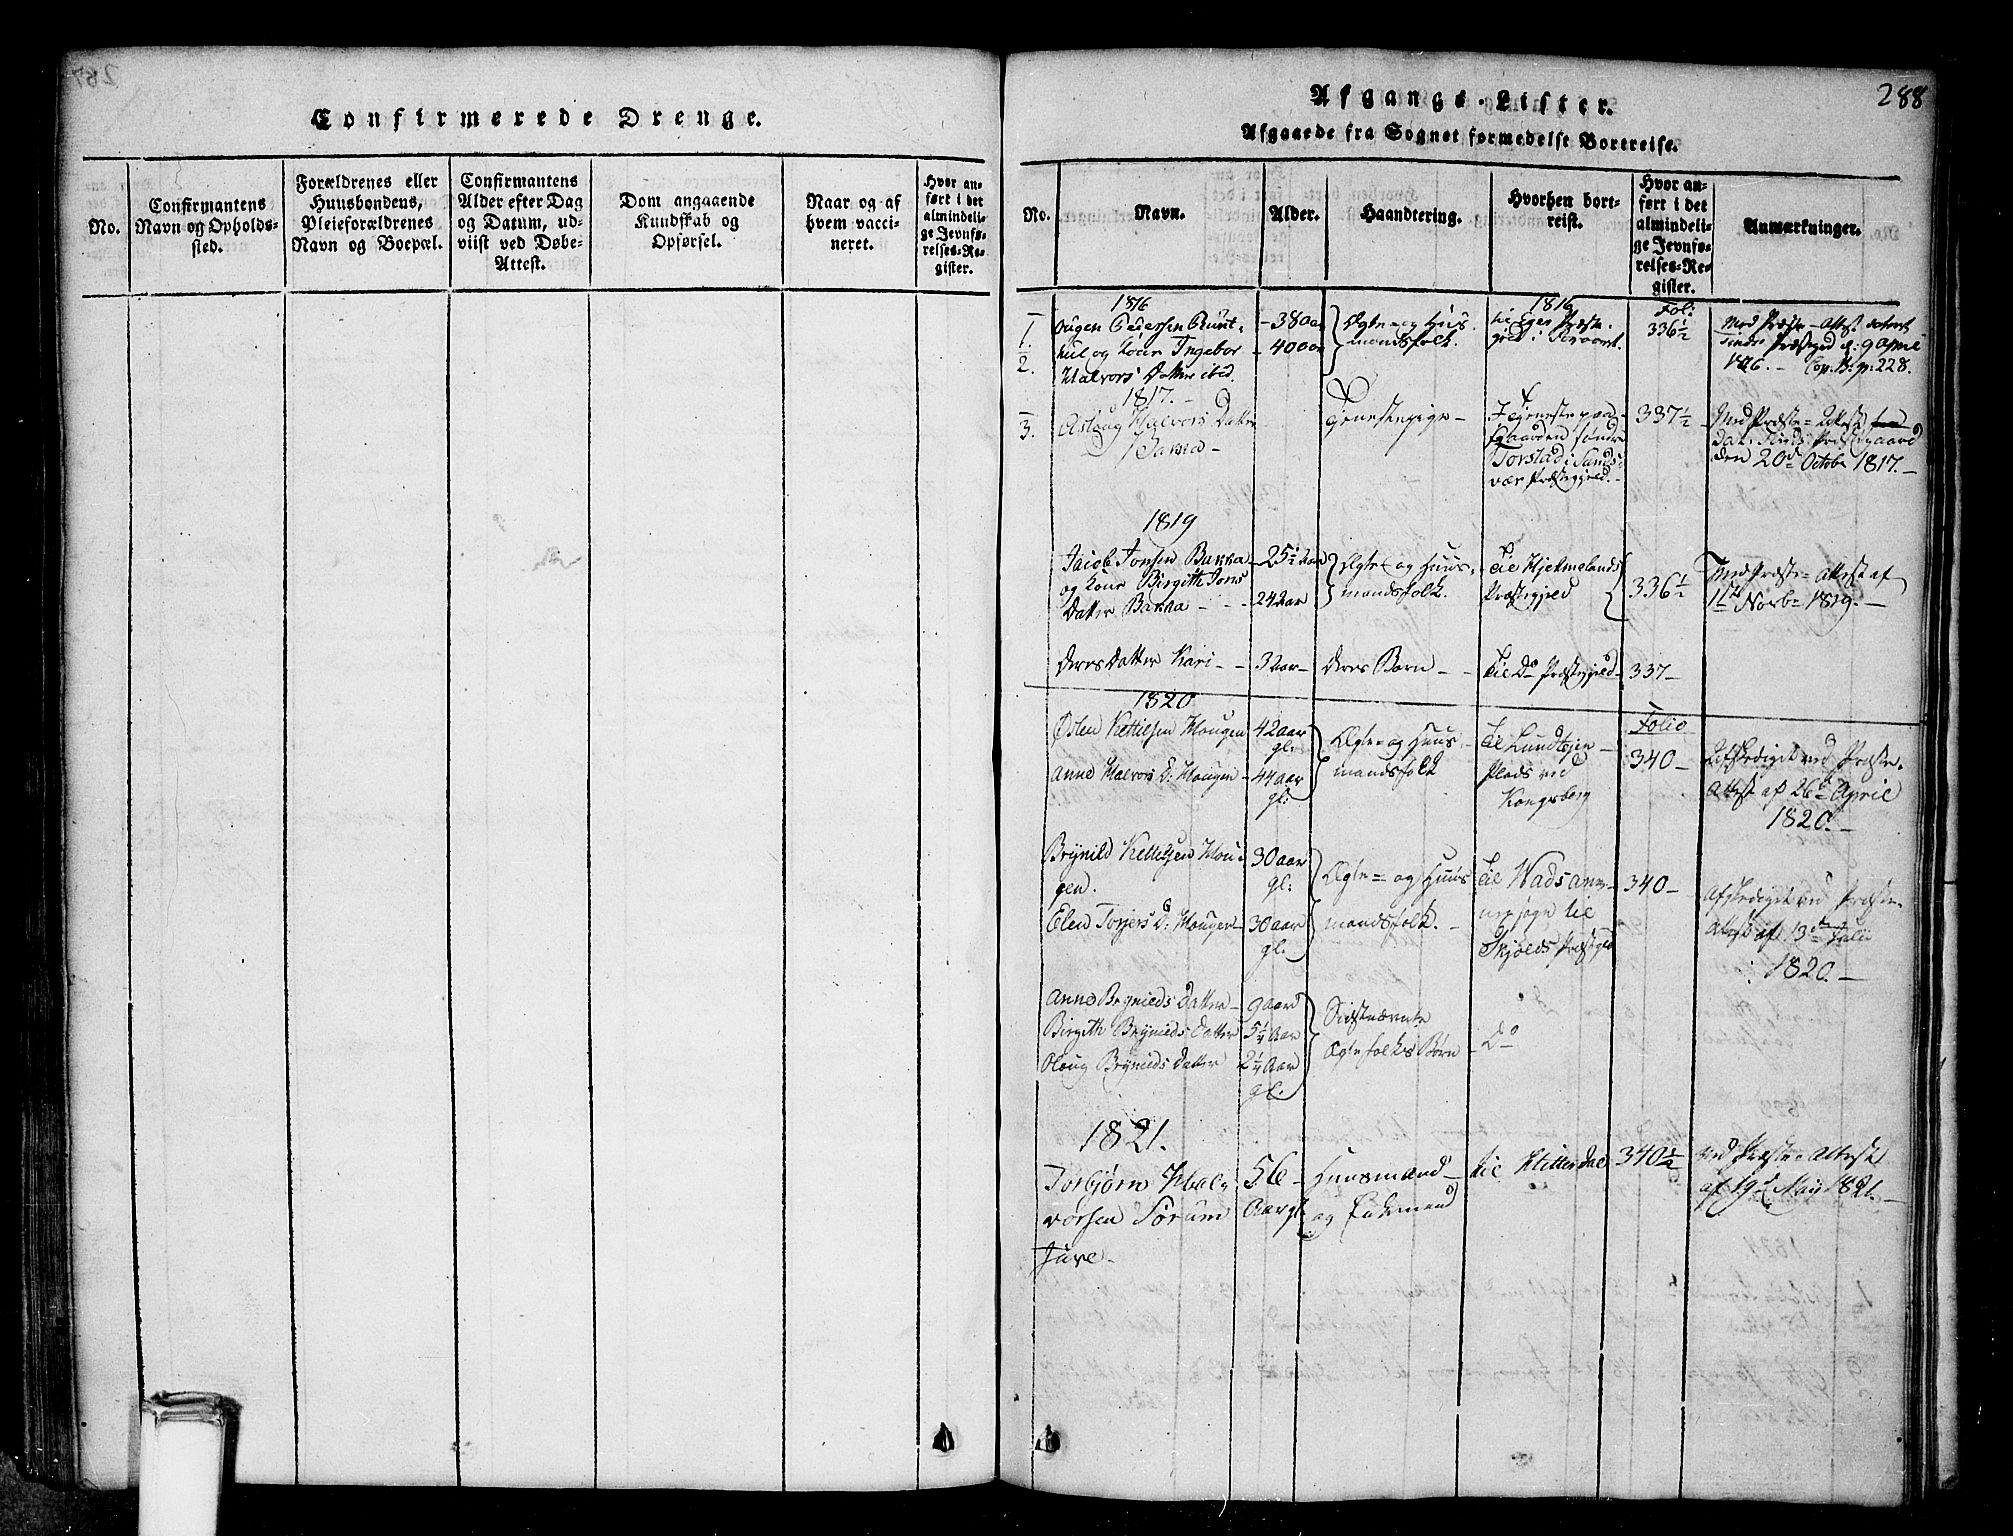 SAKO, Gransherad kirkebøker, G/Gb/L0001: Klokkerbok nr. II 1, 1815-1860, s. 288